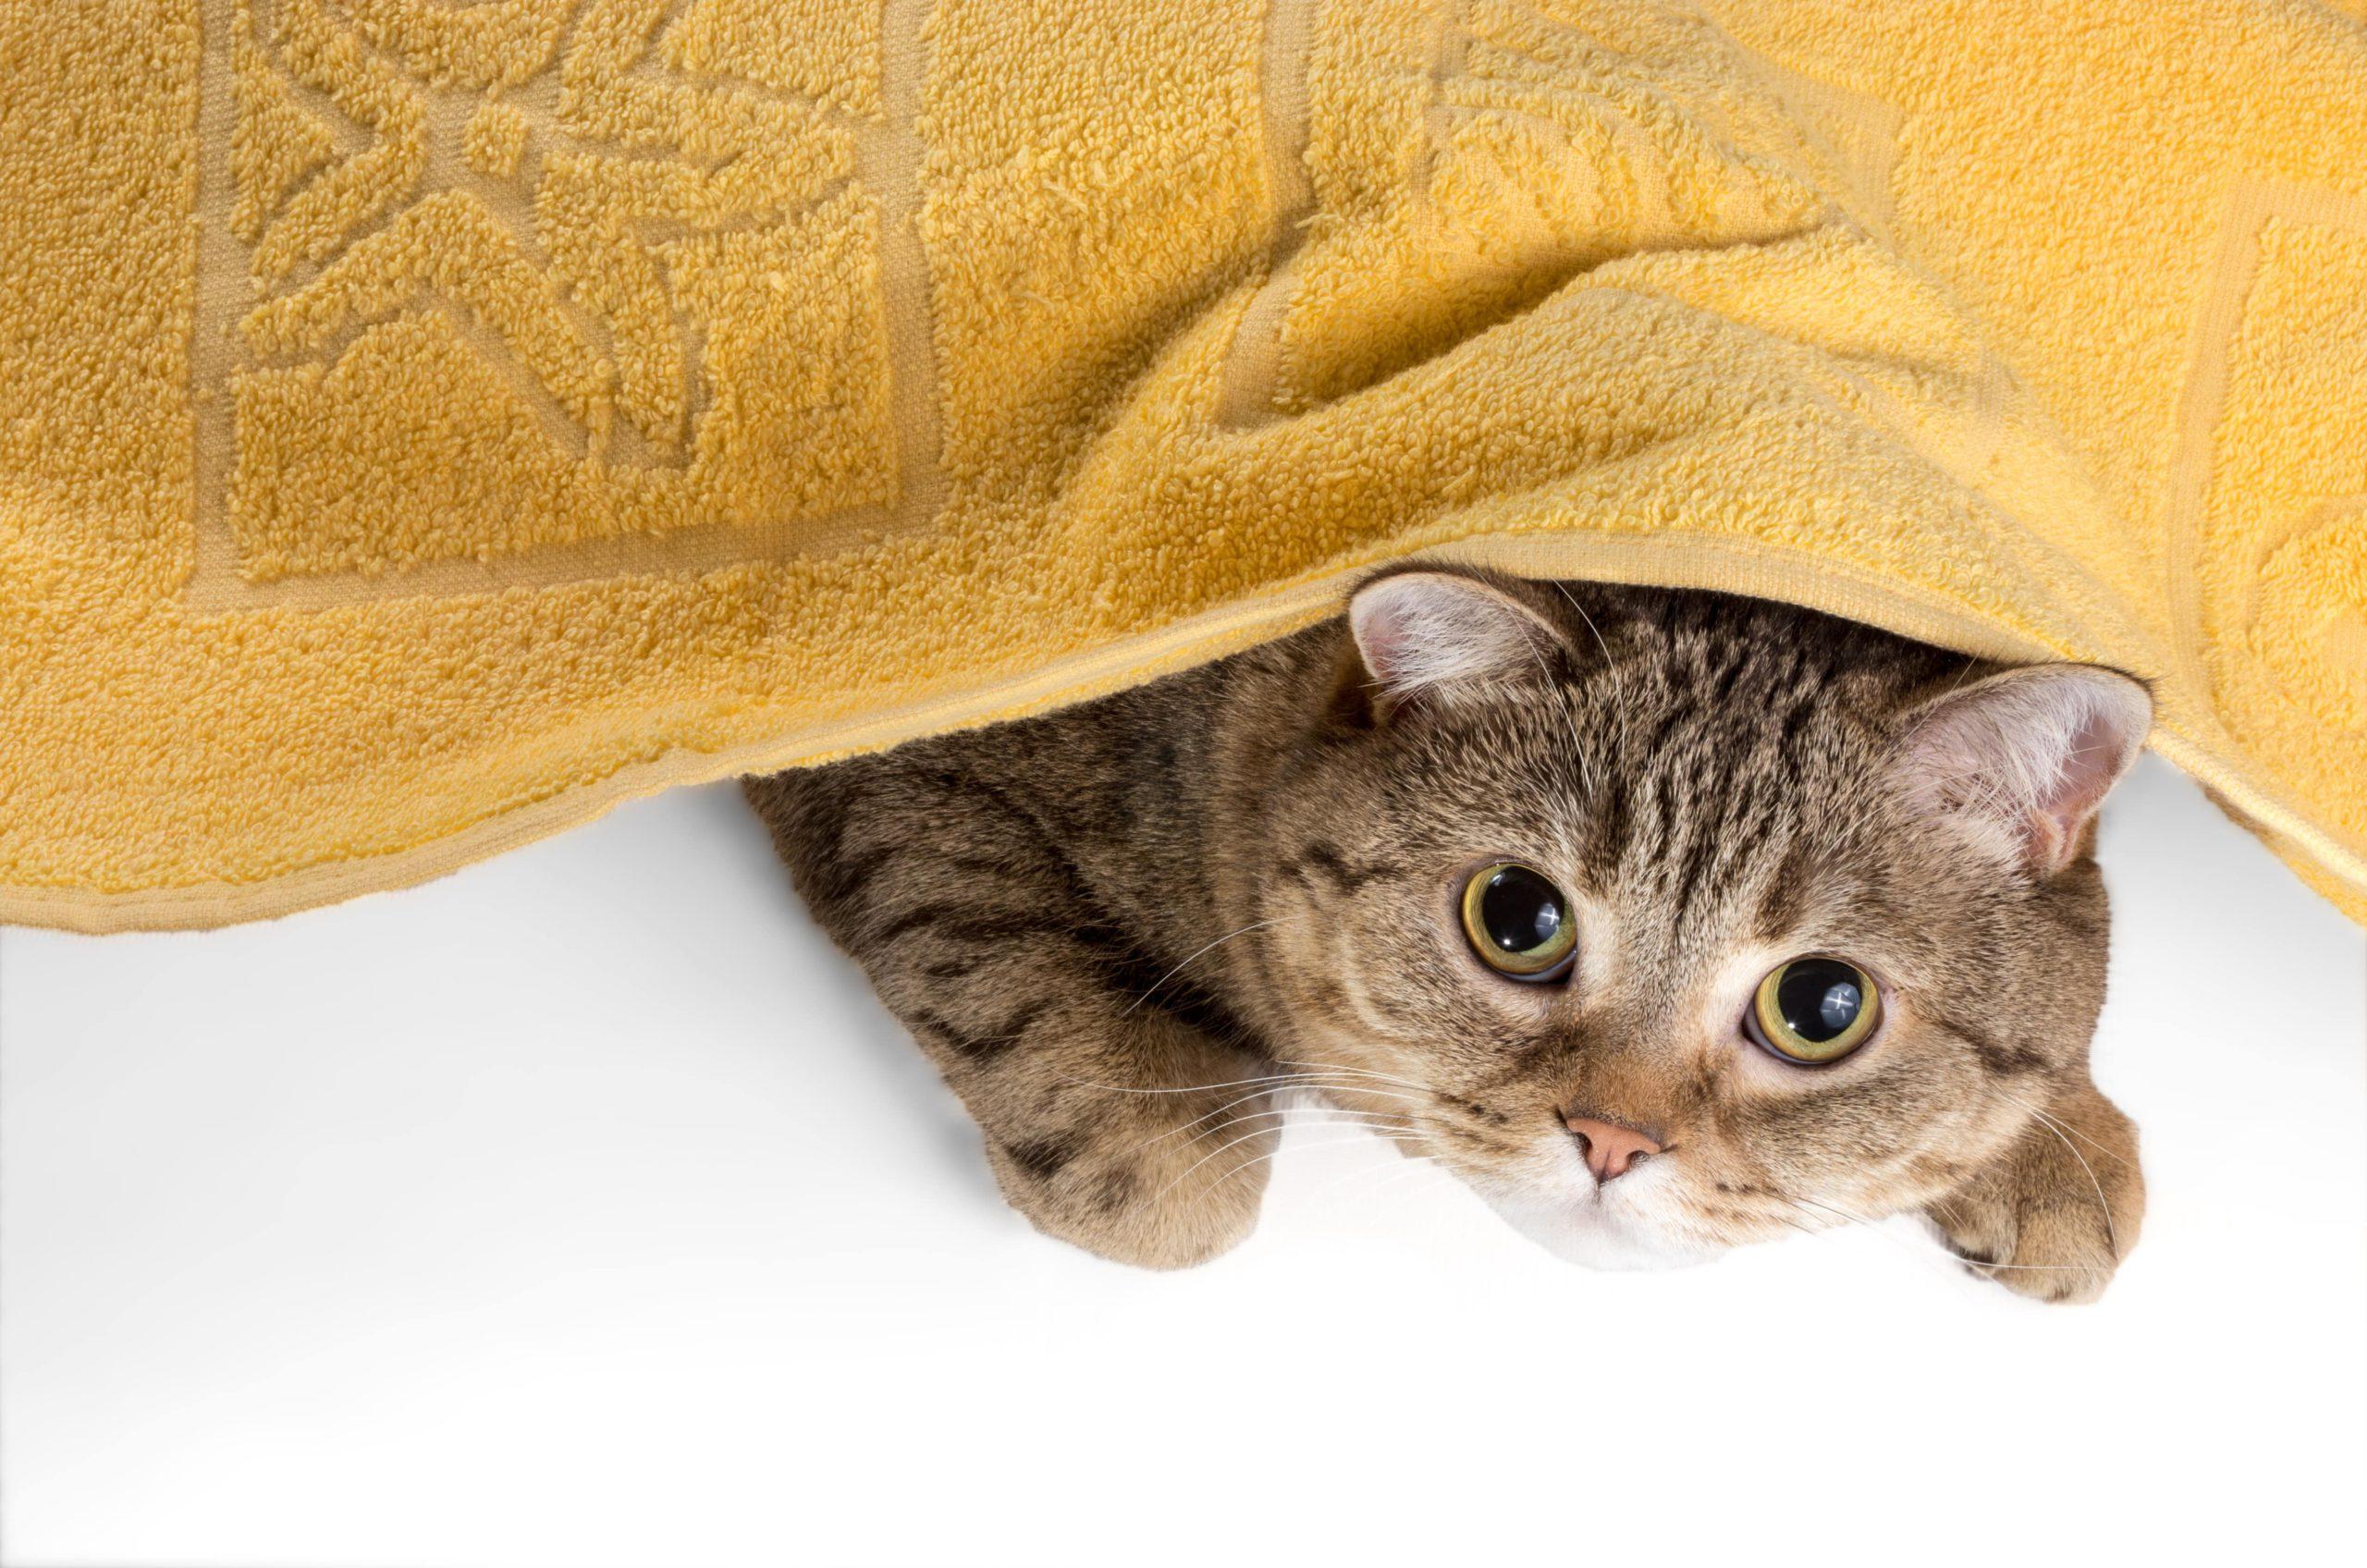 どうしてもシャワーが苦手な猫もいる